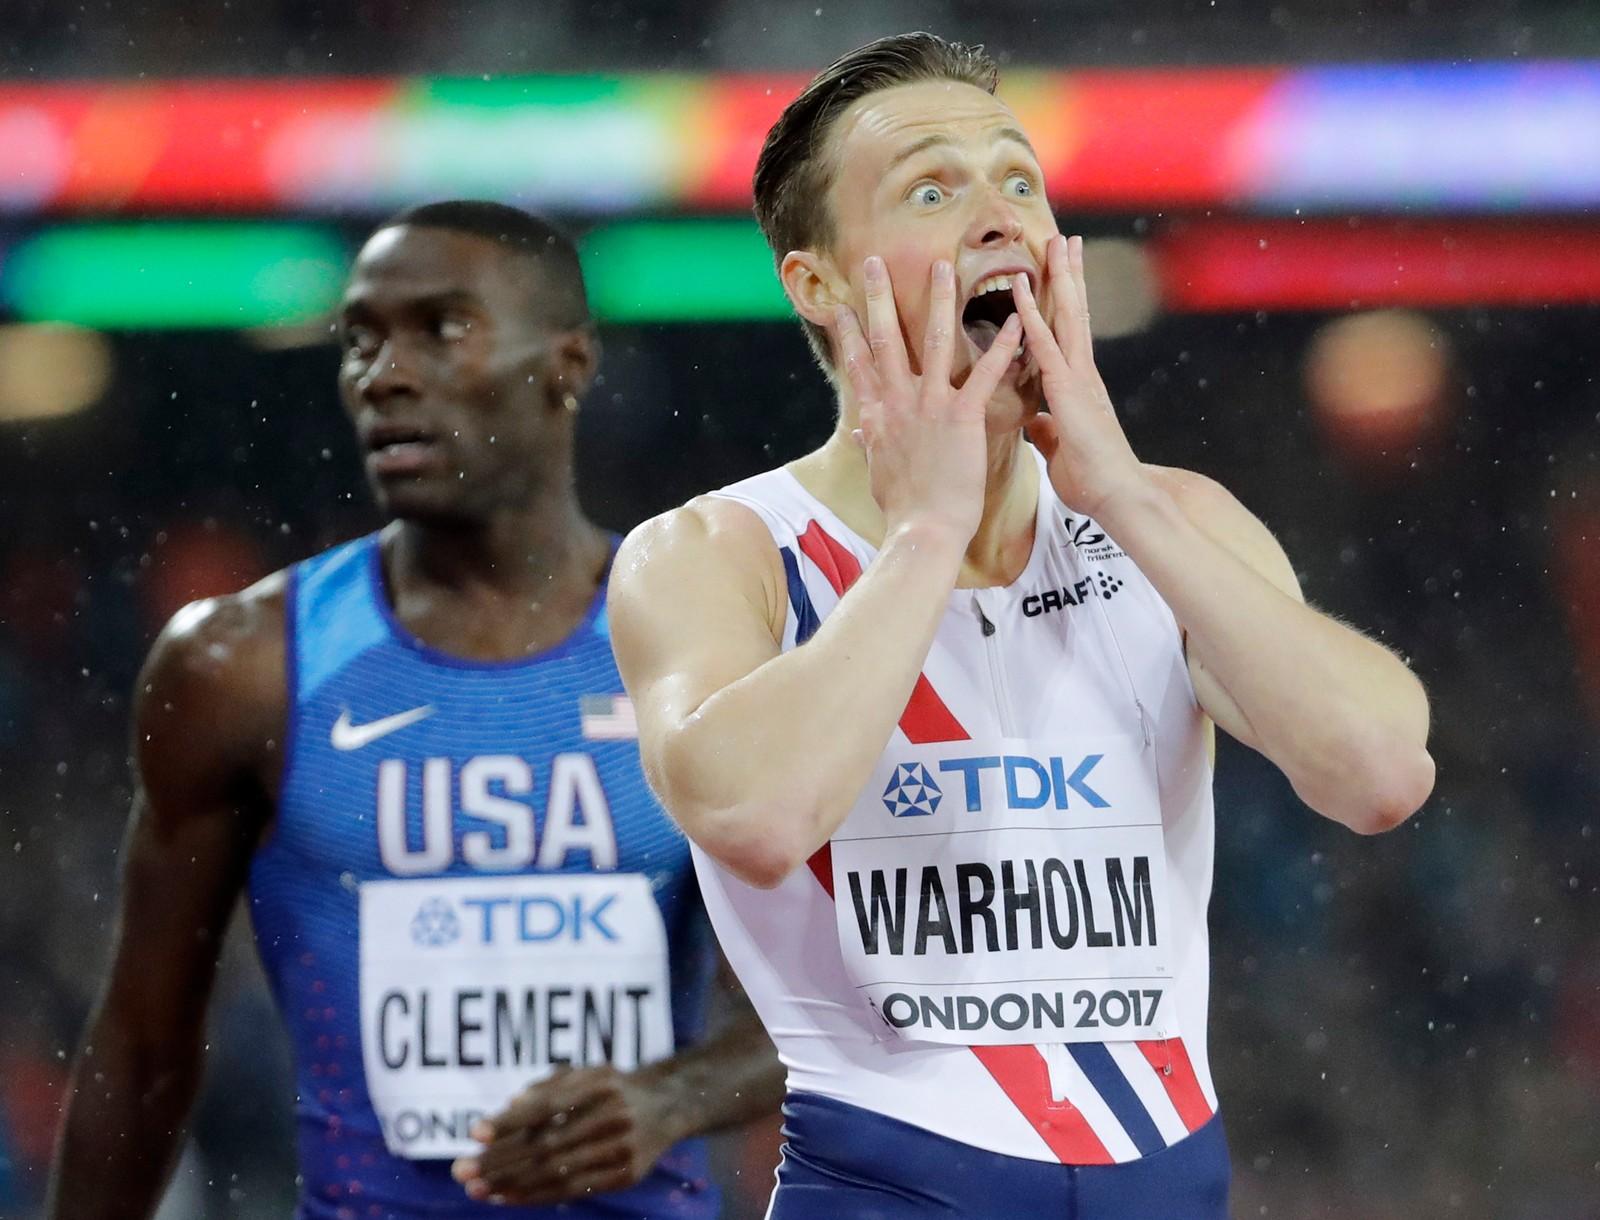 Karsten Warholm (21) løp onsdag kveld inn til et sensasjonelt VM-gull på 400 meter hekk under VM i friidrett i London. Amerikanske Kerron Clement var storfavoritt på forhånd, men endte på tredjeplass, etter Yasmani Copello, som representerer Tyrkia.